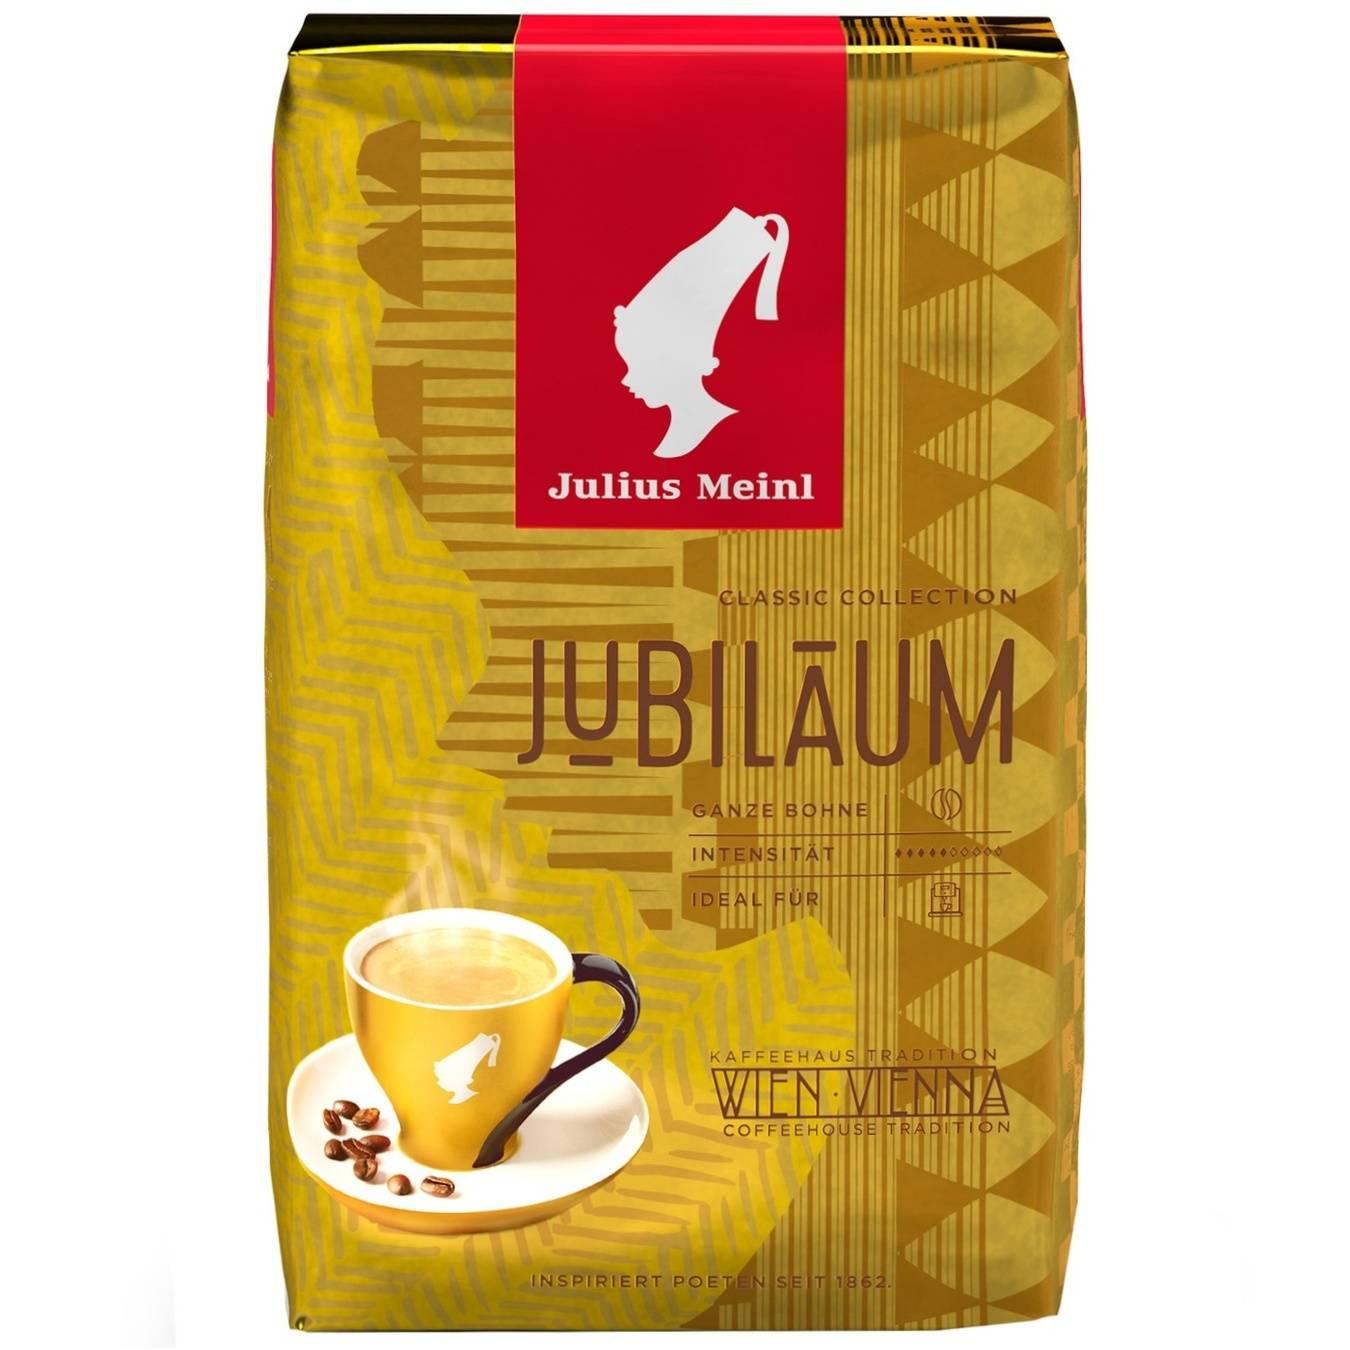 Кофе julius meinl: особенности, ассортимент, отзывы